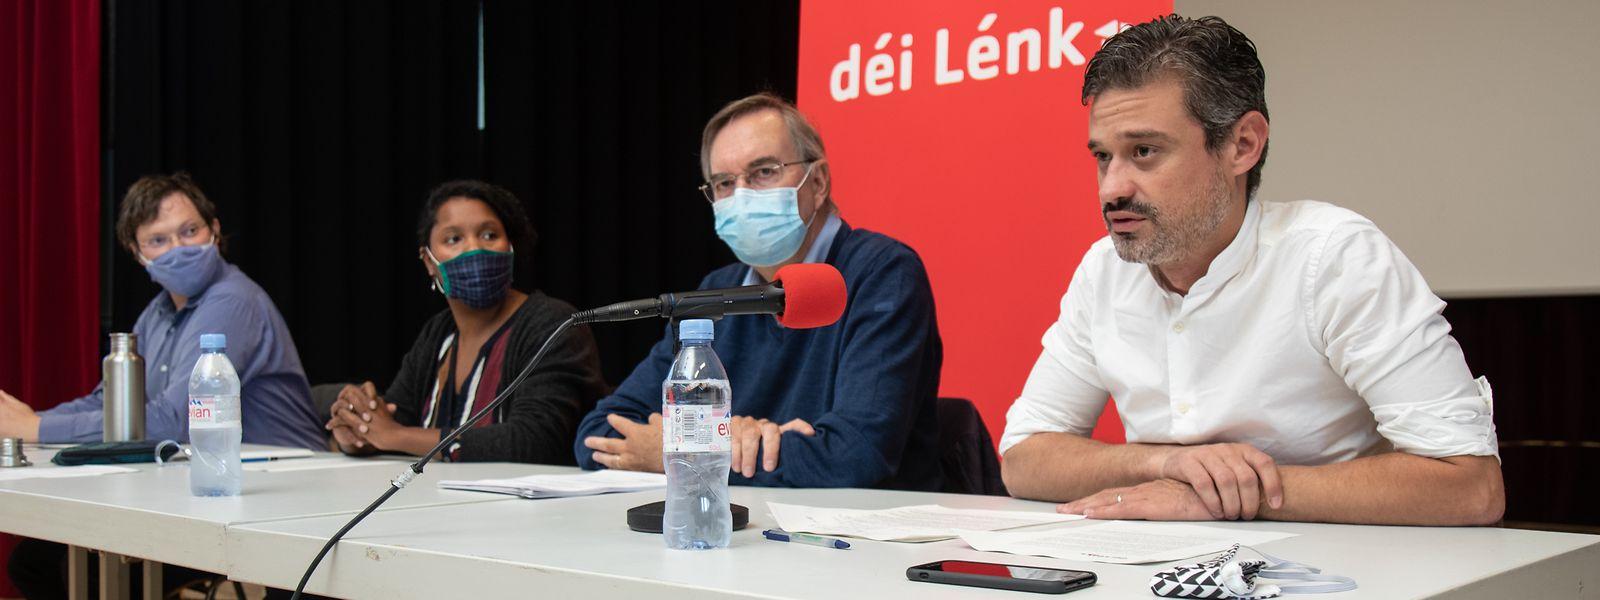 Die Déi Lénk Stad fordern erschwinglichen Wohnraum, mehr Bürgerbeteiligung und eine bessere Integration der sanften Mobilität.